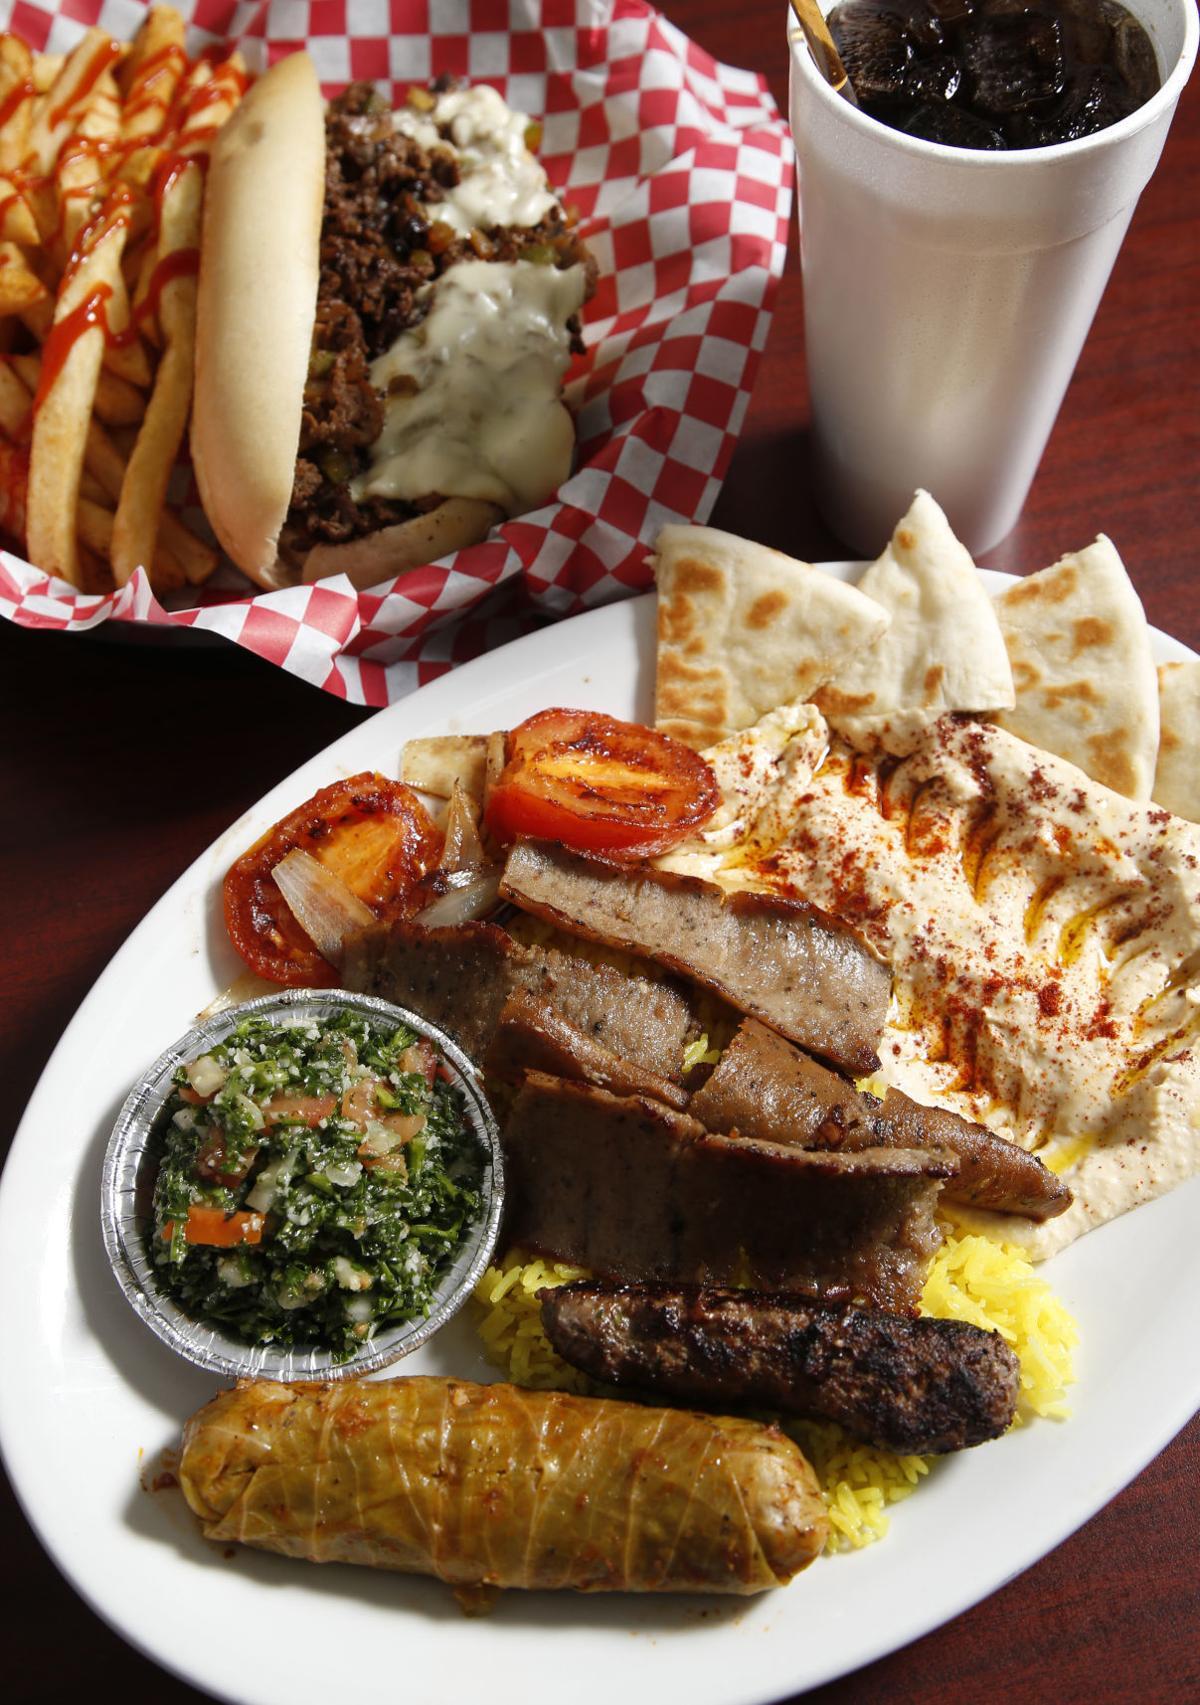 Steak & Bake Mediterranean platter 1